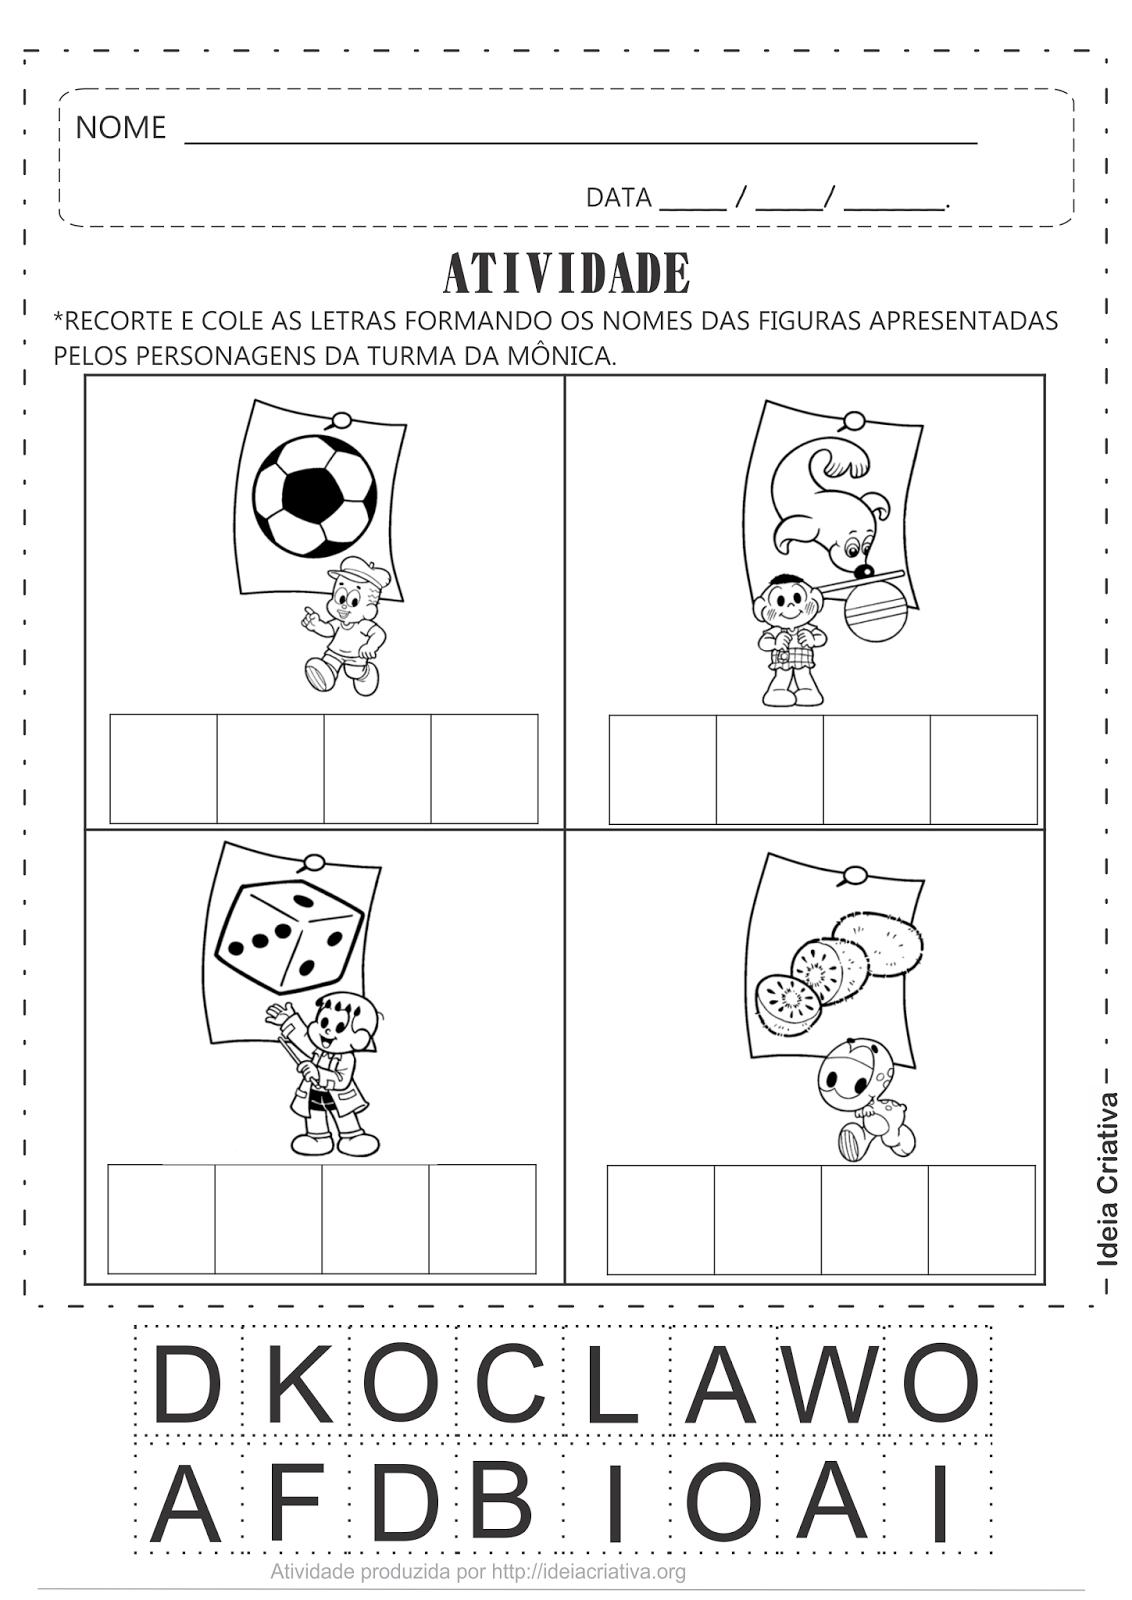 Atividade Corte e Recorte Palavras 4 letras Turma da Mônica